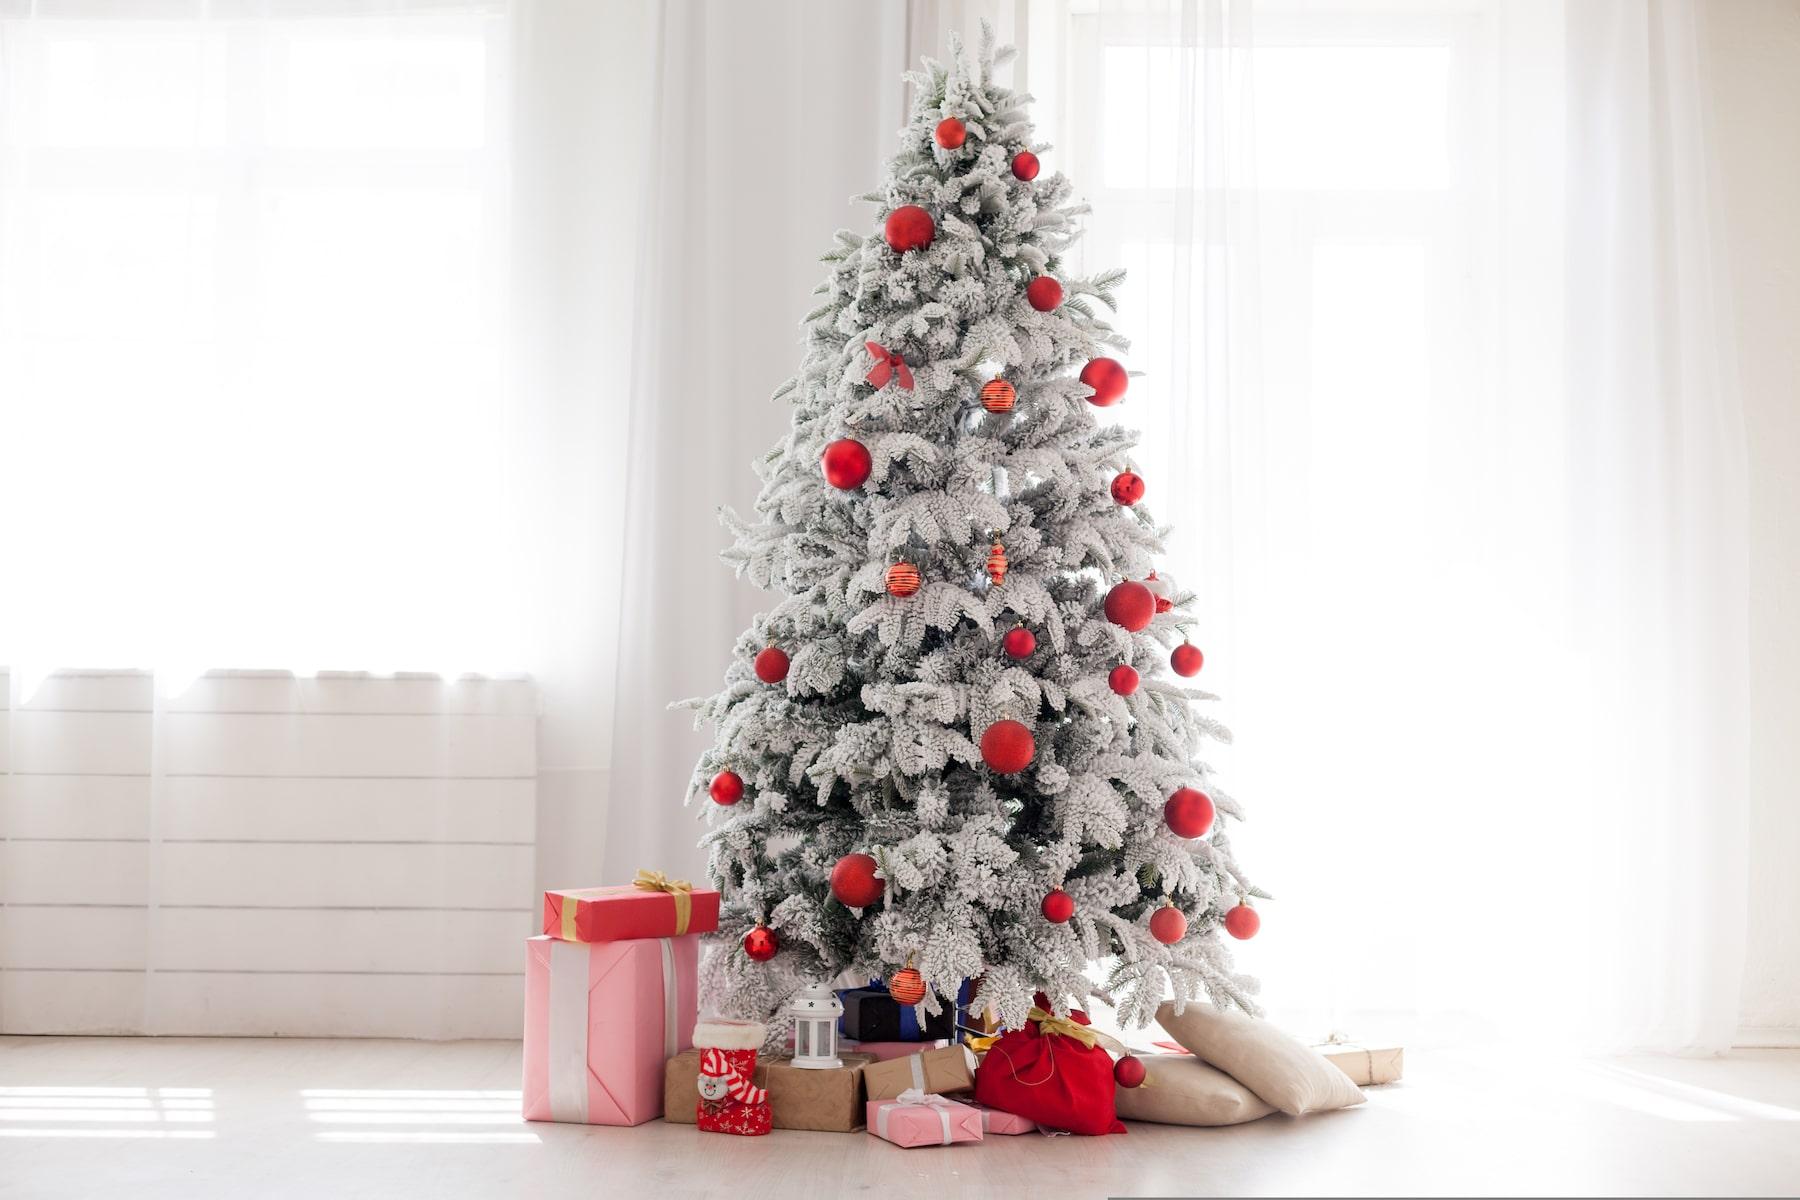 Sapin de Noël décoré de boules rouges.